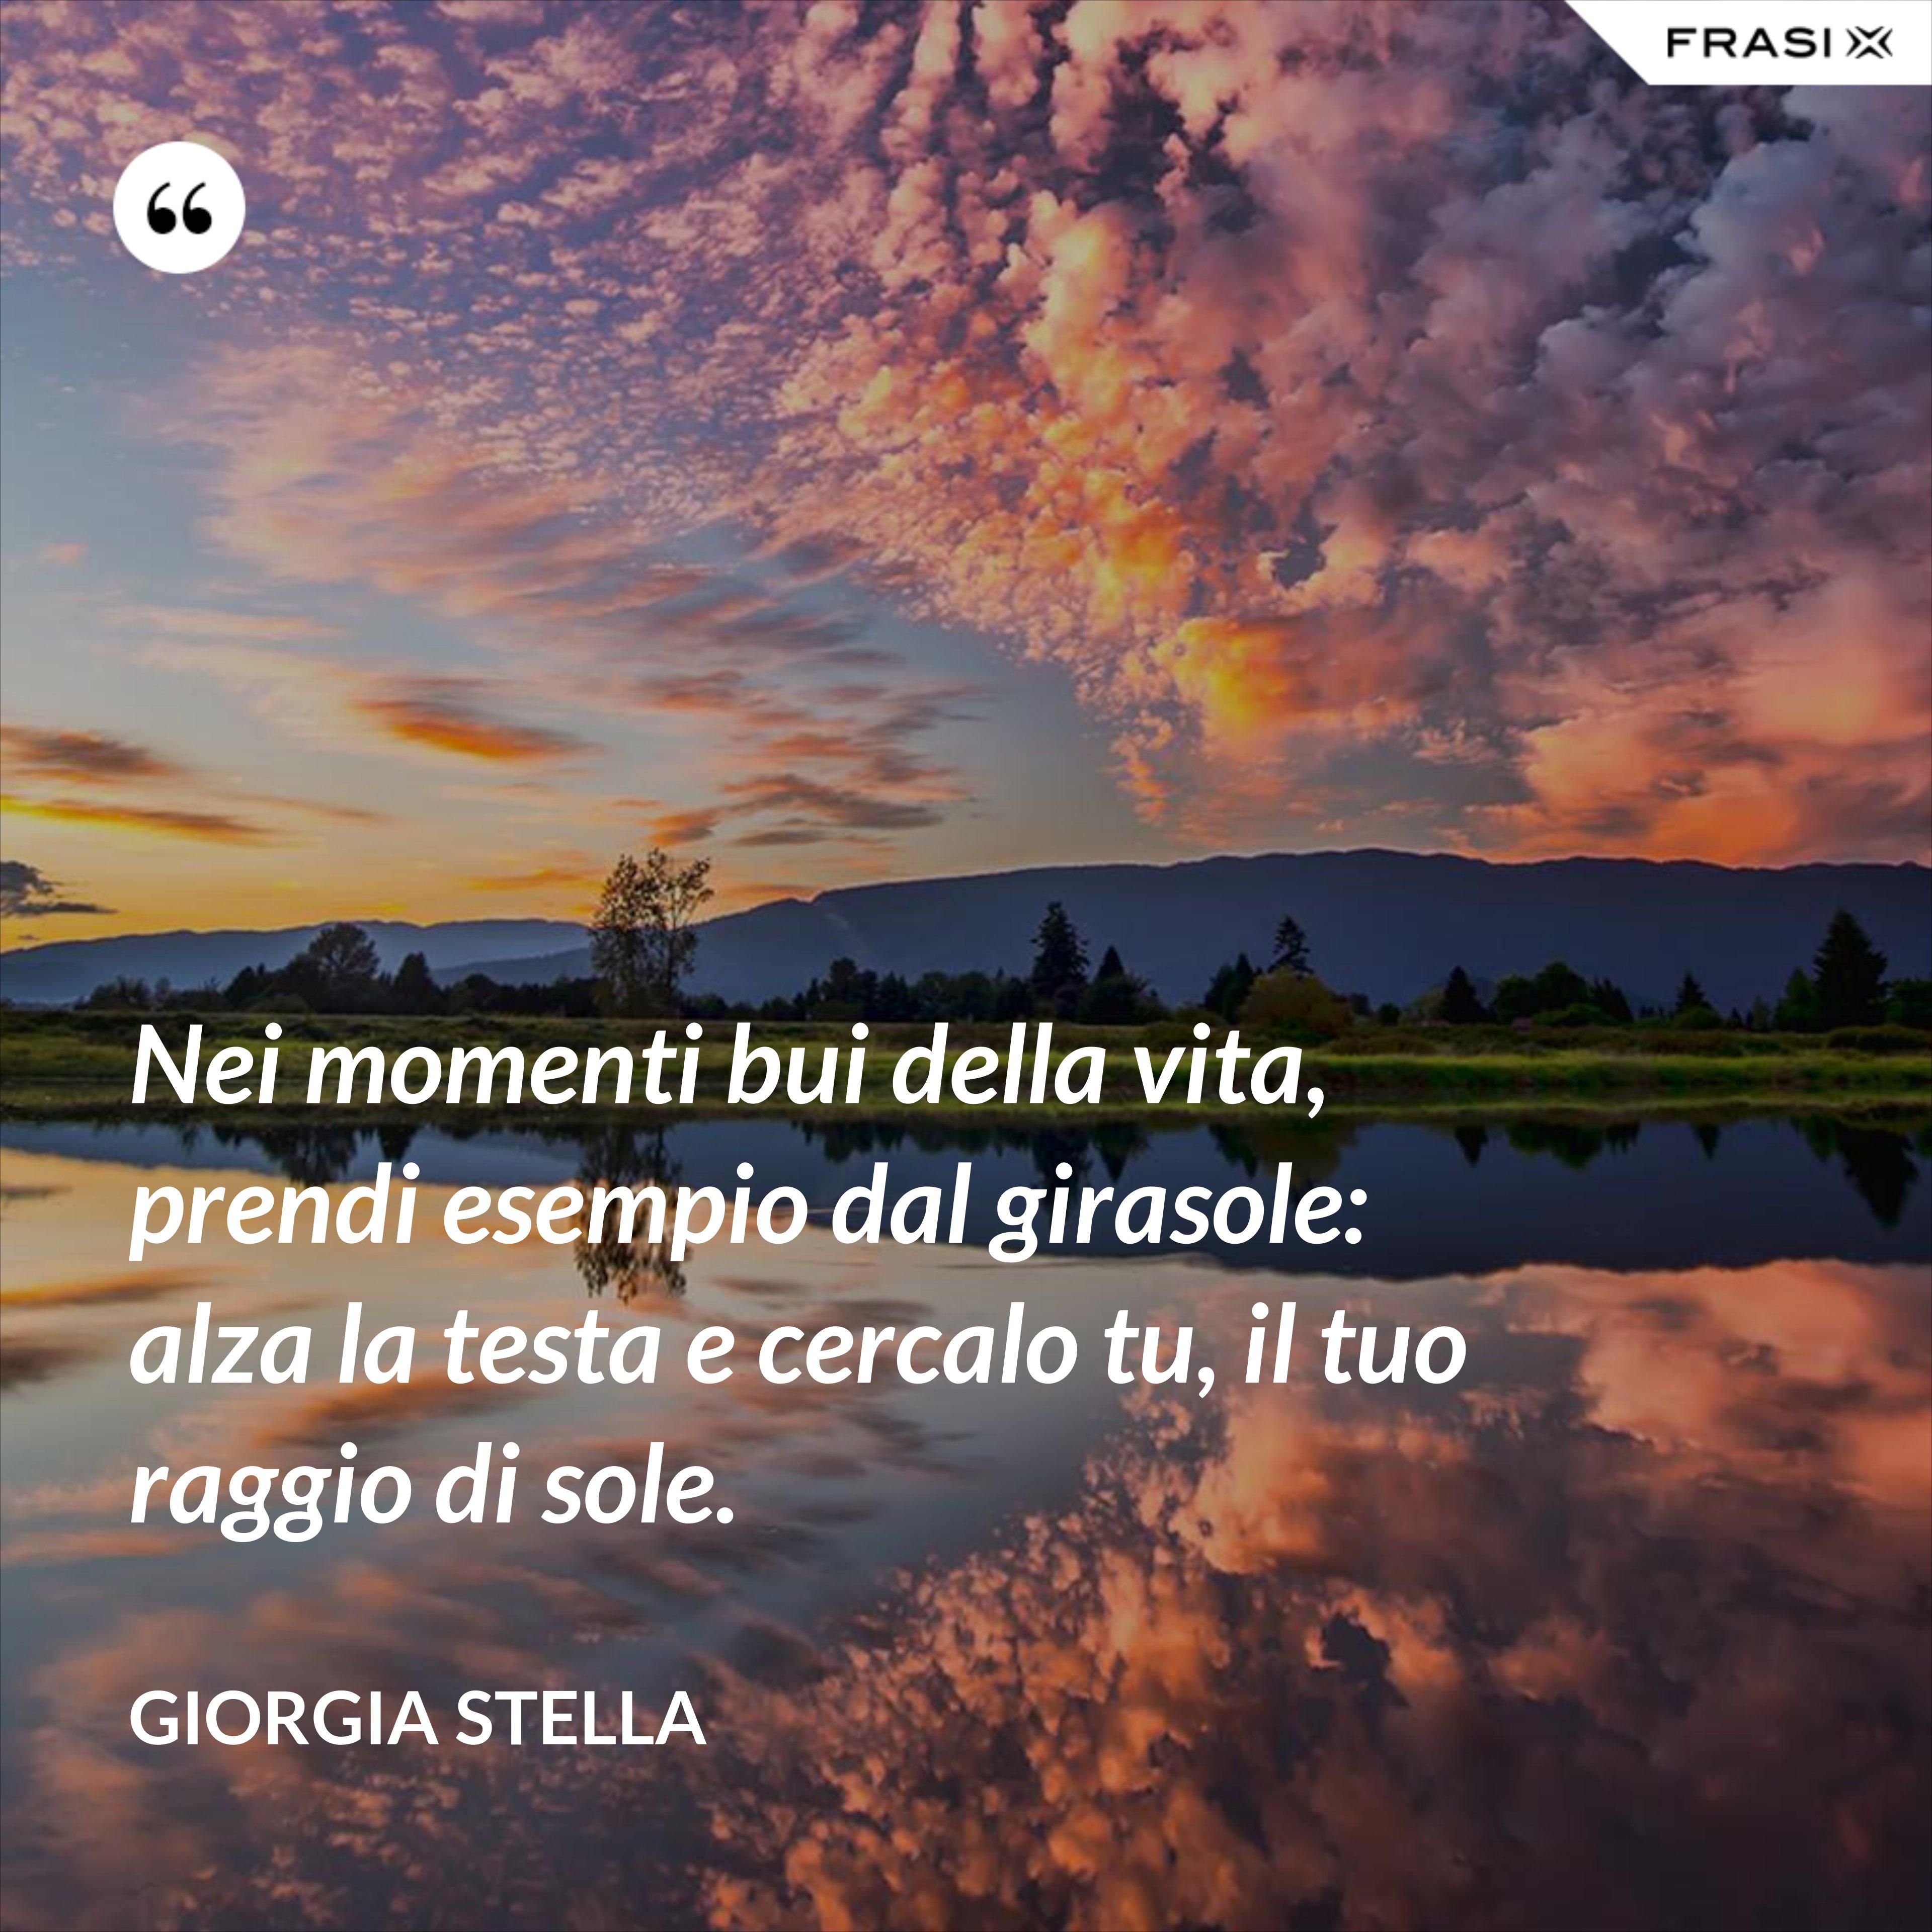 Nei momenti bui della vita, prendi esempio dal girasole: alza la testa e cercalo tu, il tuo raggio di sole. - Giorgia Stella